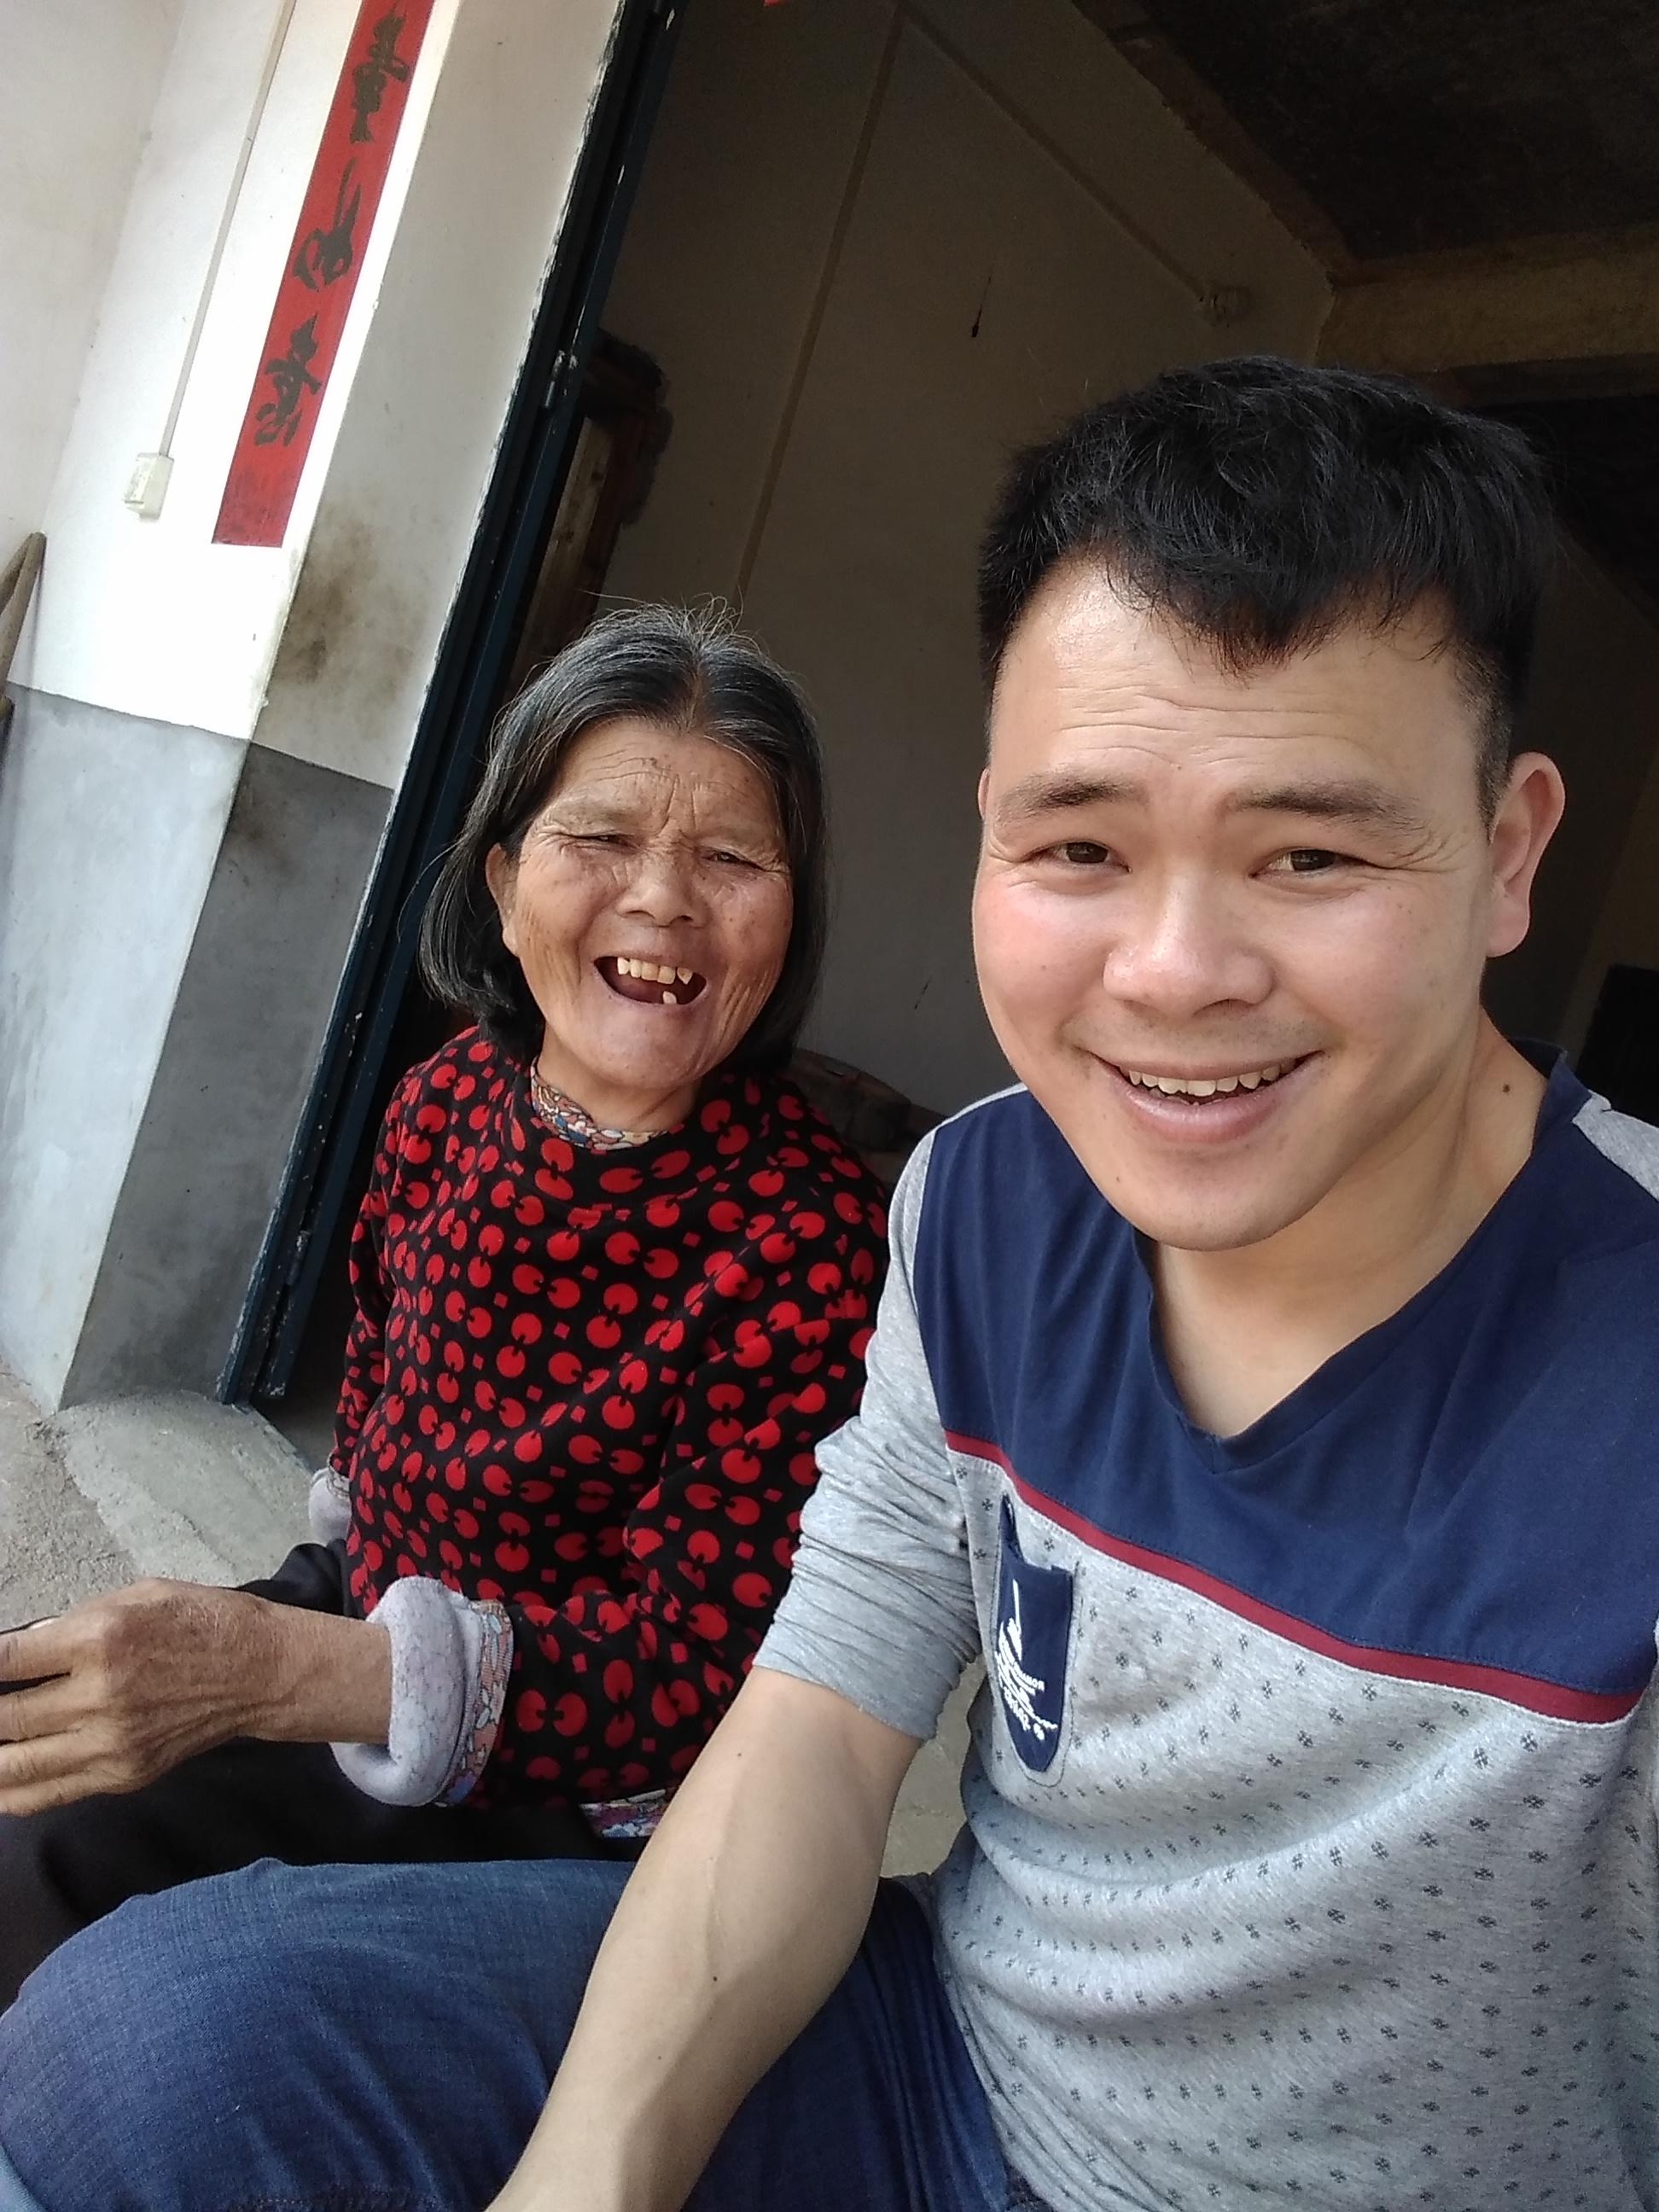 江西会昌县一扶贫干部走访贫困户时坠亡,年仅31岁